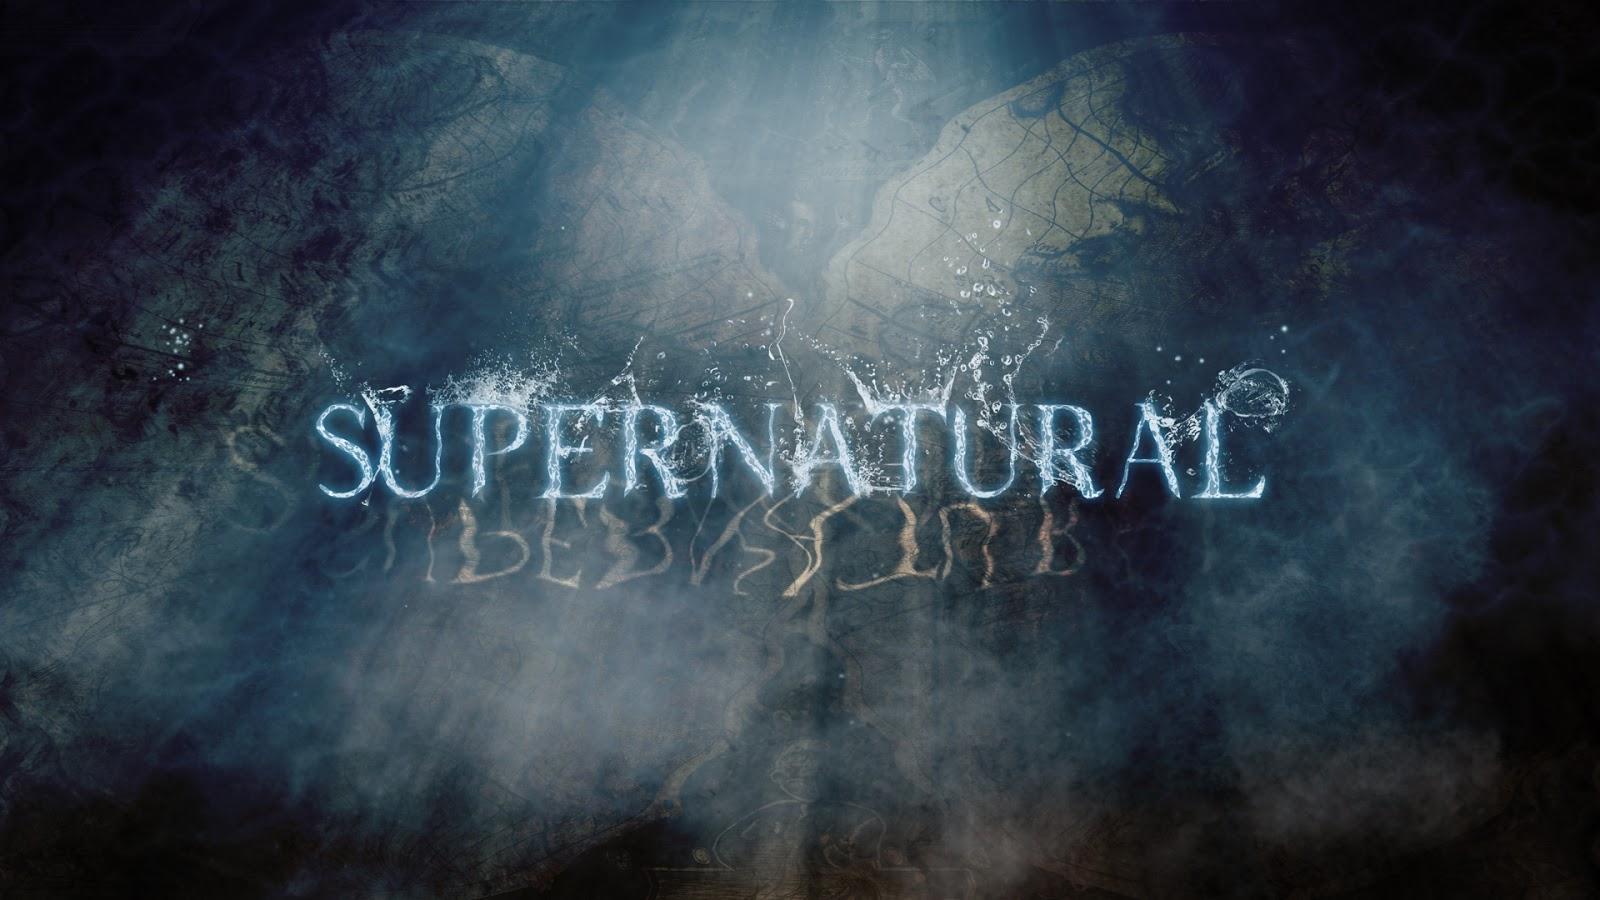 http://2.bp.blogspot.com/-zX858c29Rjo/UVEupGh6FII/AAAAAAAACAo/7oxxD6RyWzE/s1600/supernatural_wallpaper_by_thatsavior-d52at0v.jpg